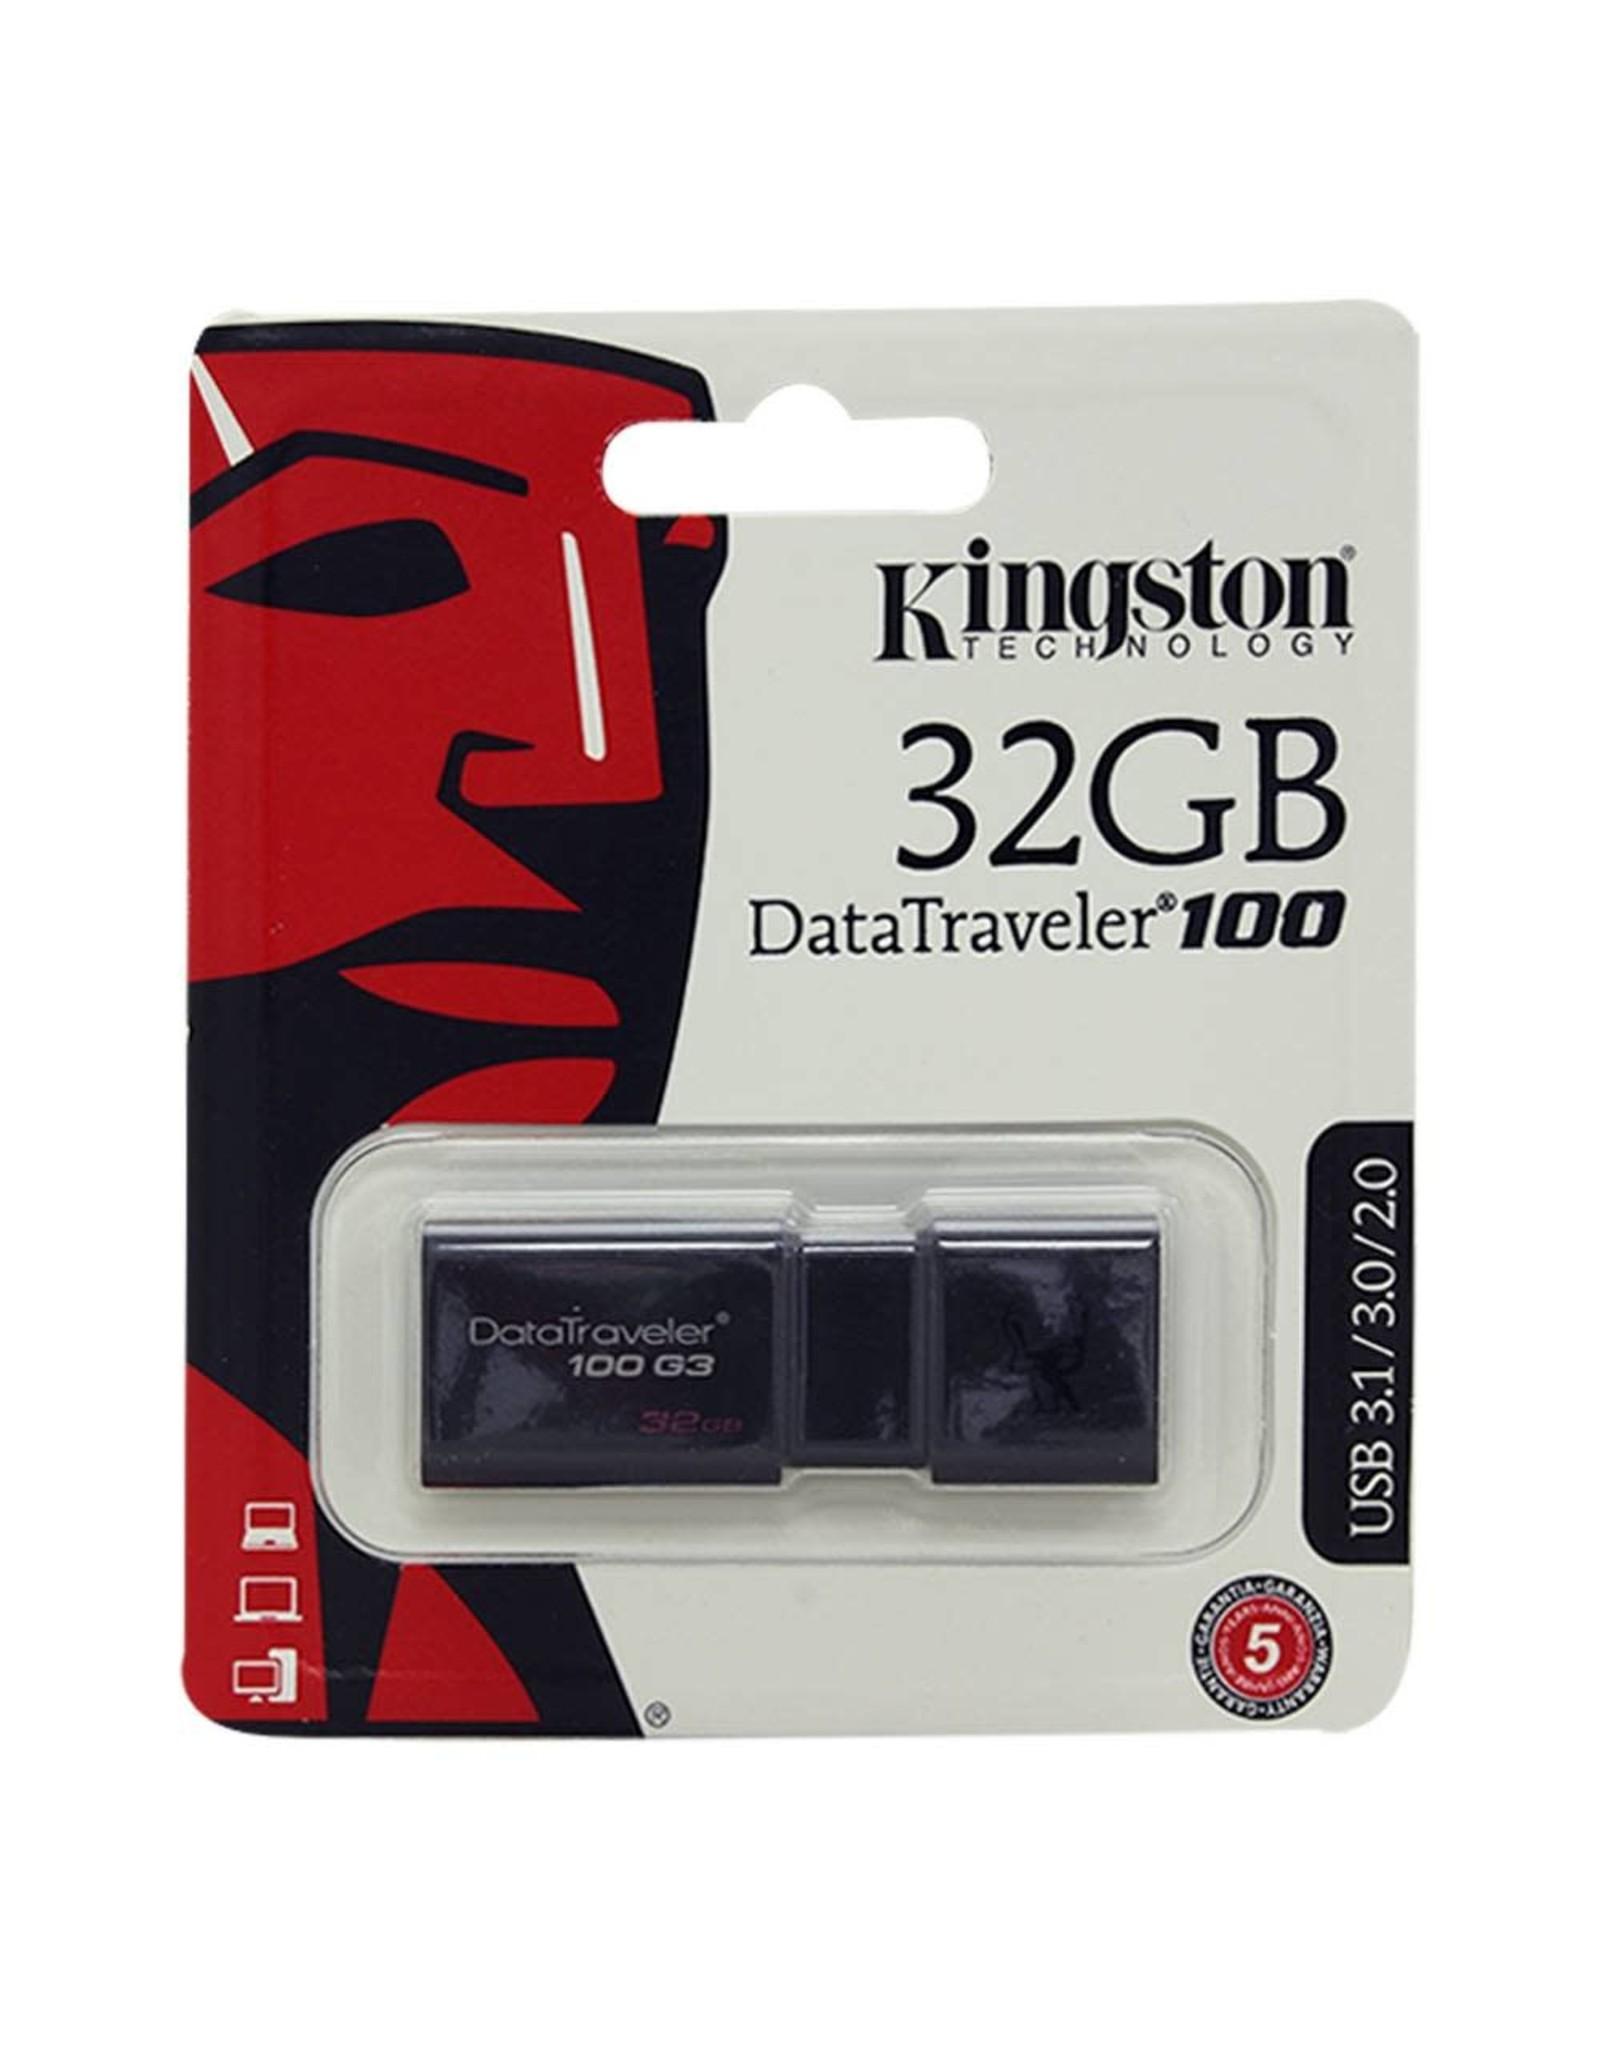 Kingston Technology Kingston Technology DataTraveler 100 G3 32GB USB 3.0 Drive